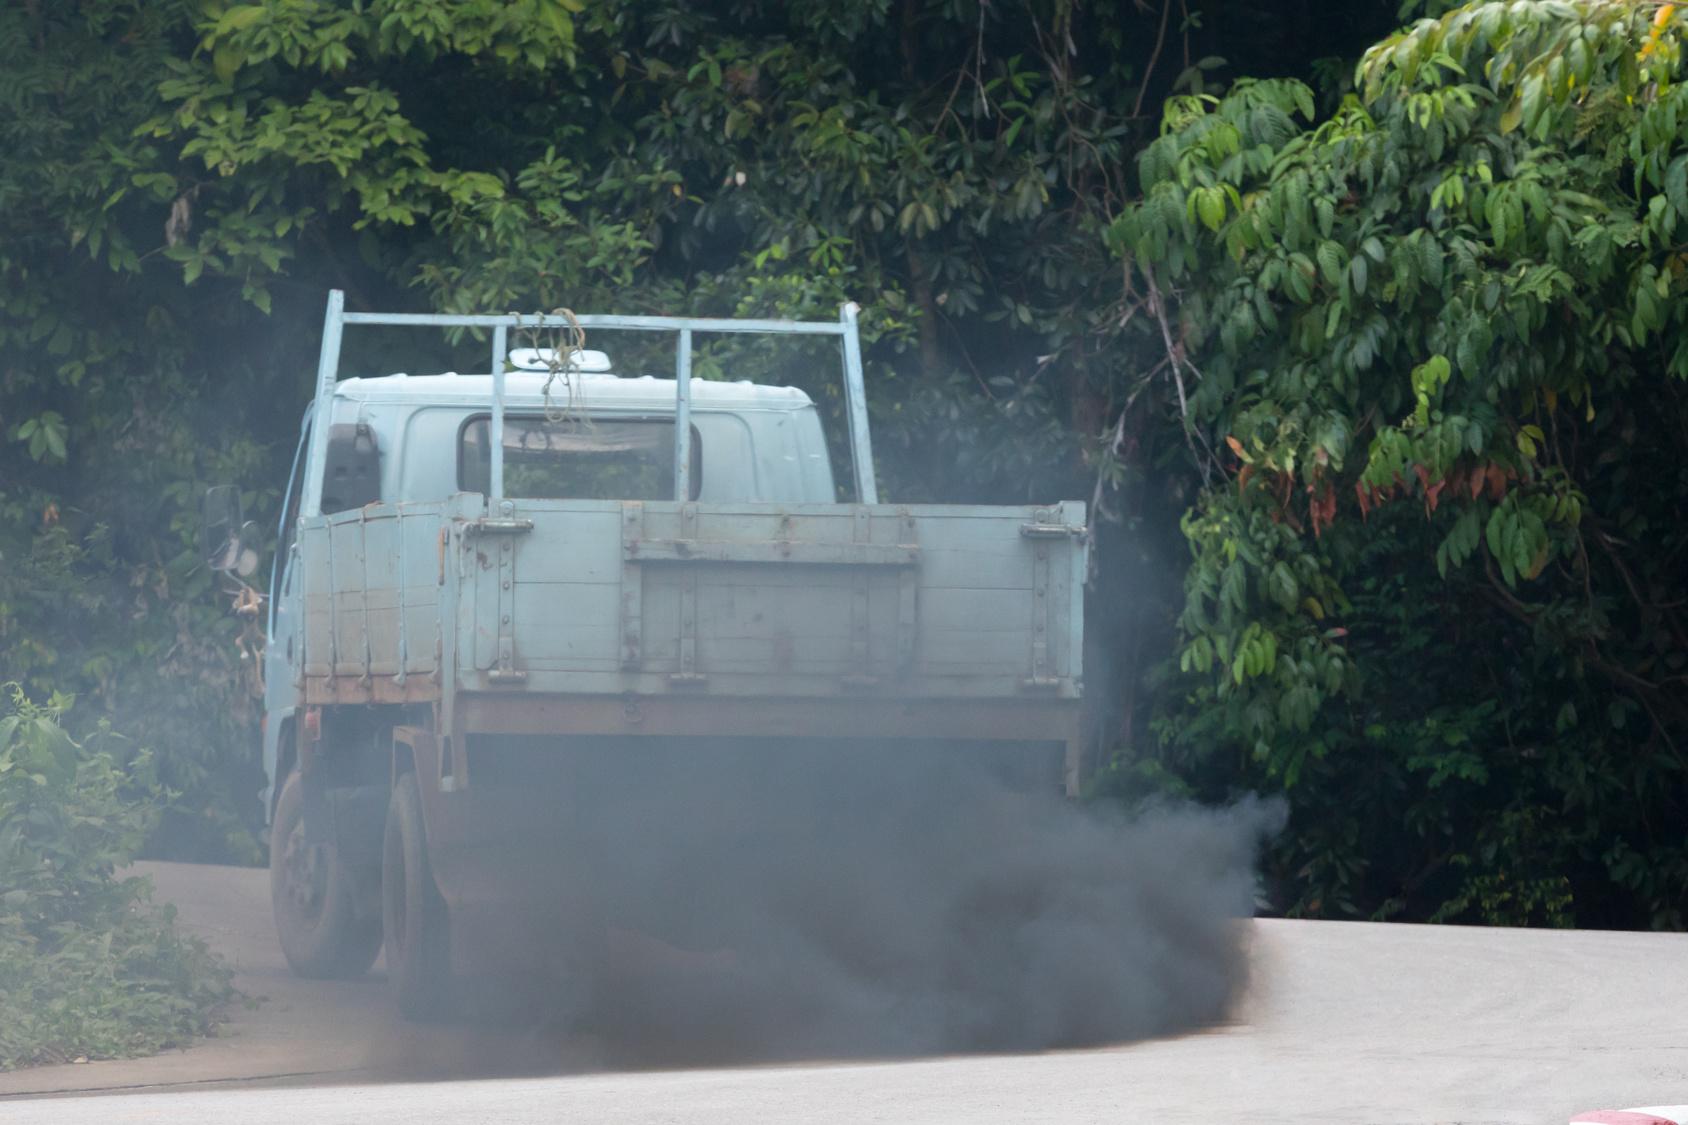 FAME - Umweltfreundlicher Diesel in Sicht?